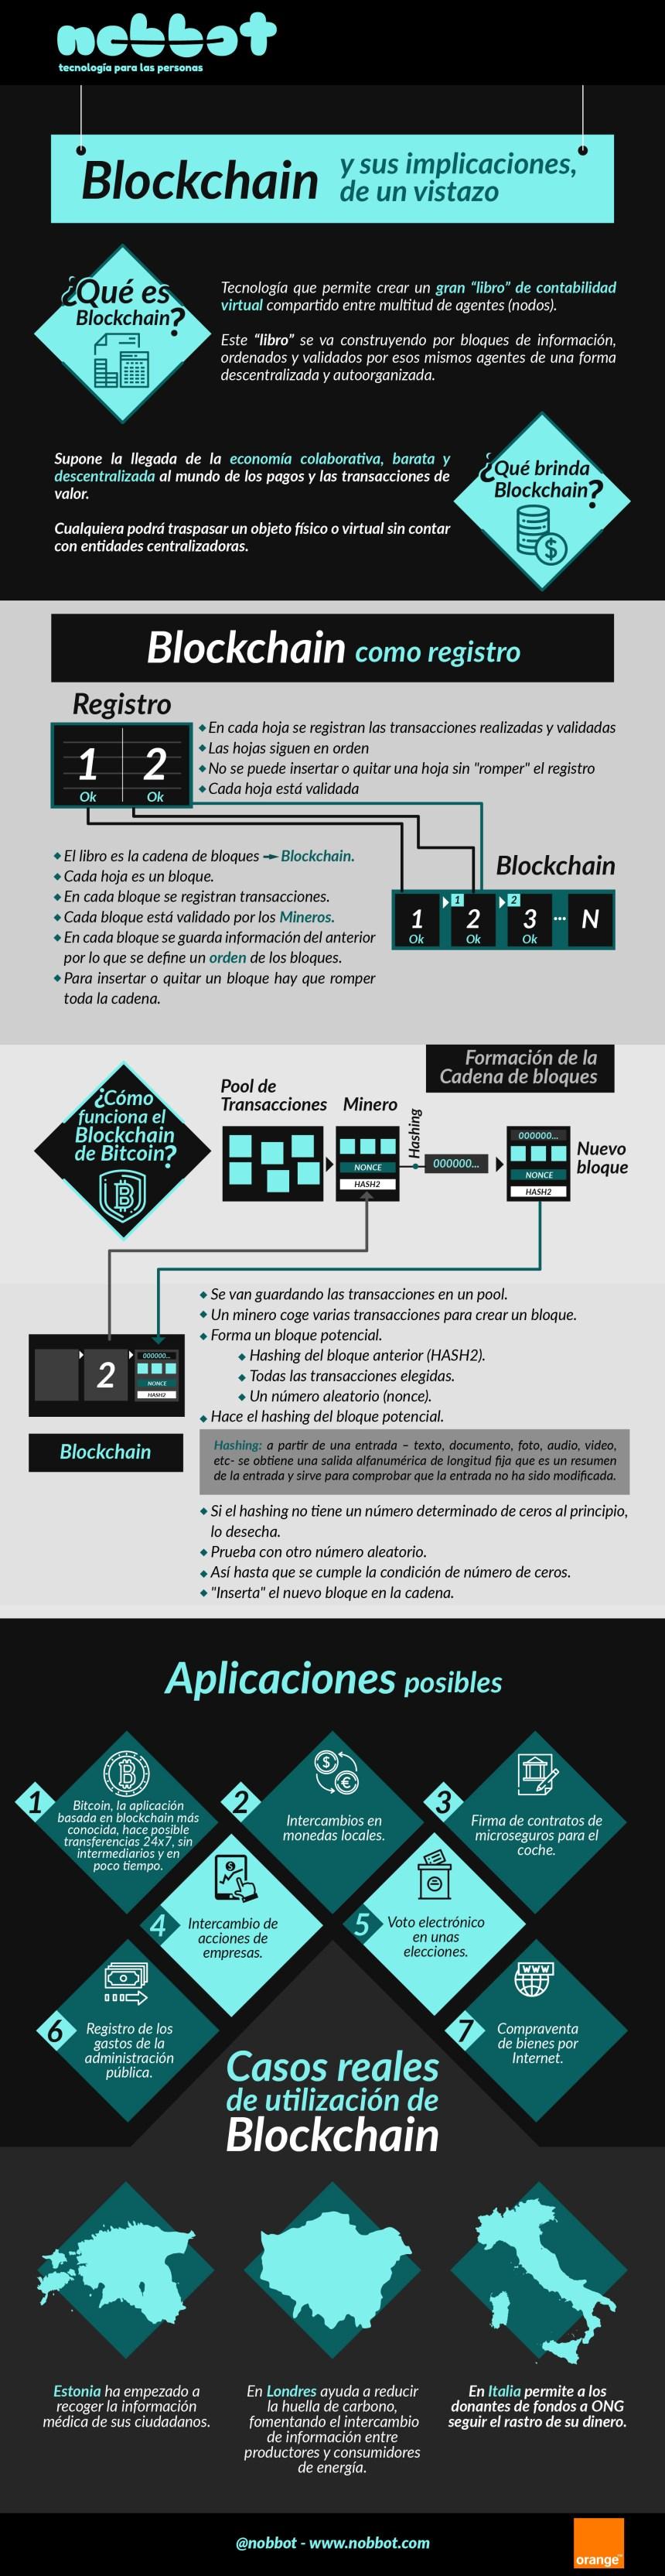 Blockchain y sus implicaciones de un vistazo